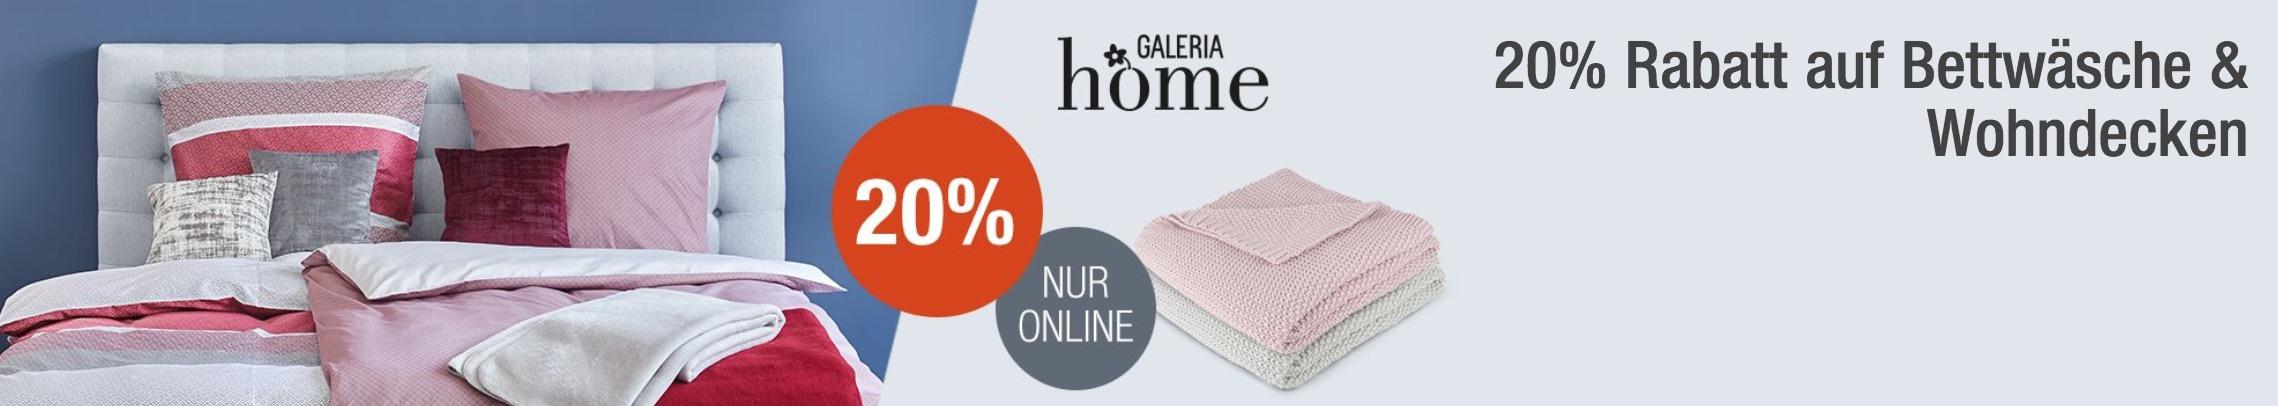 Galeria Kaufhof 20 Rabatt Auf Bettwäsche Wohndecken Der Marke